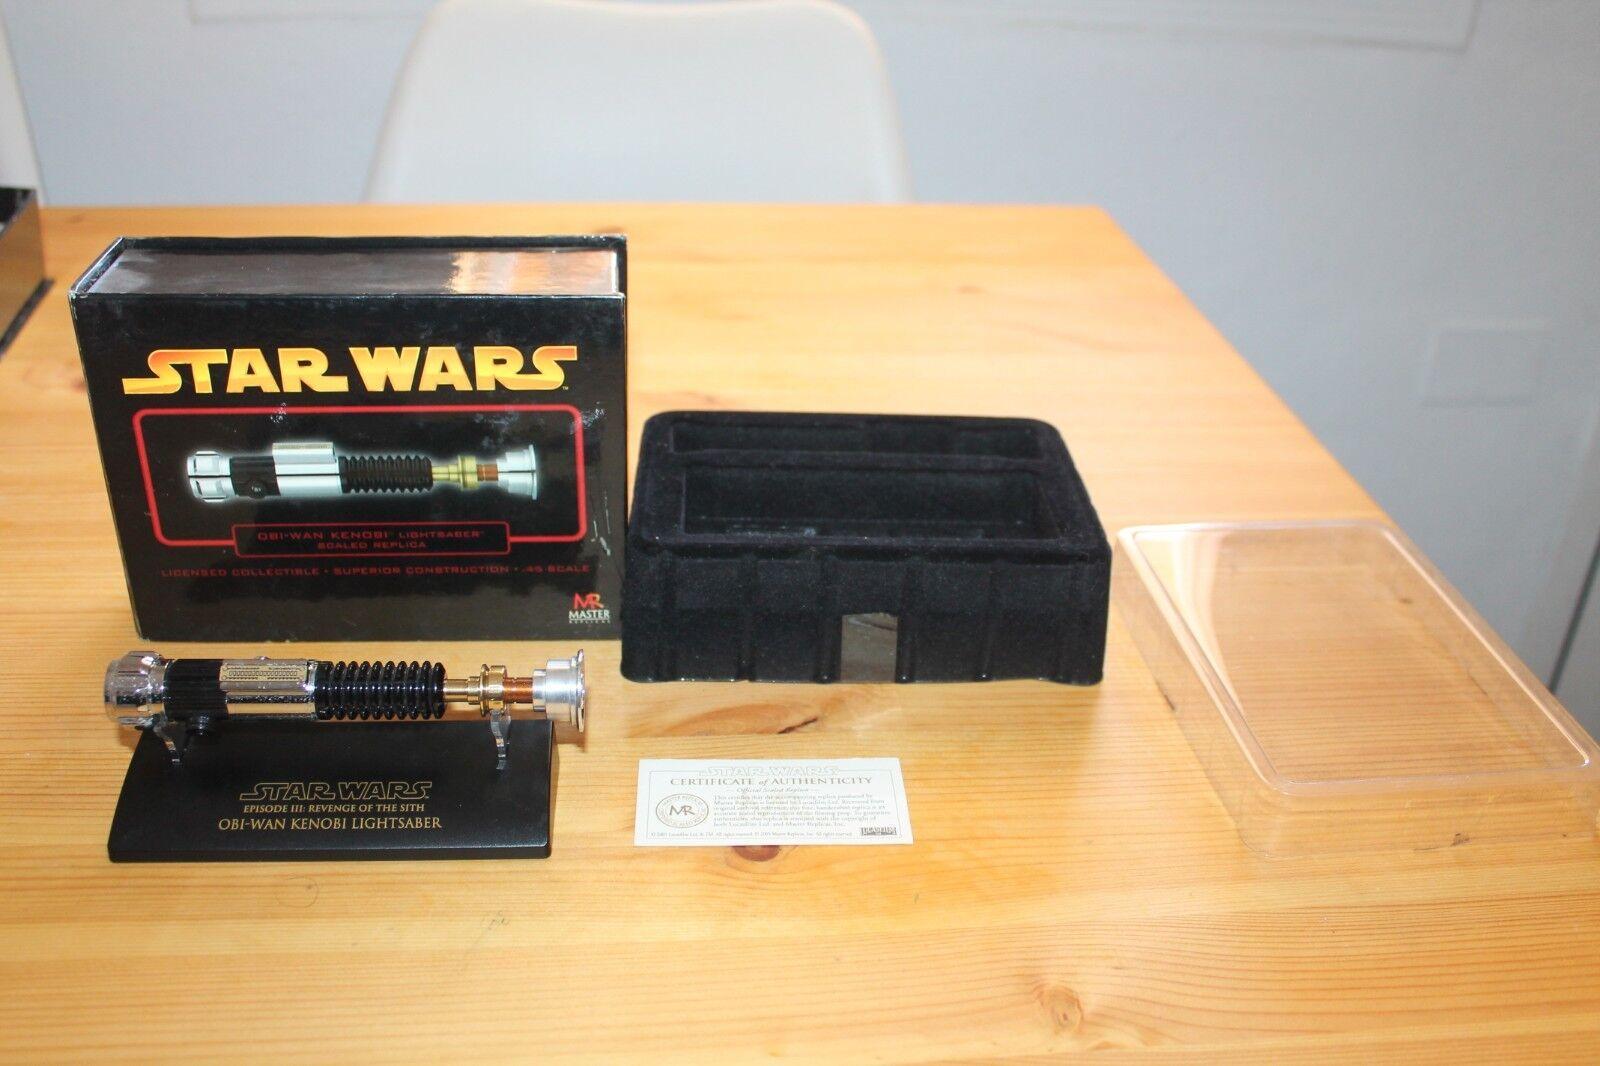 Obi Wan Kenobi Lightsaber Replica Escala 45 en en en caja Completo Master Replicas 1286e0